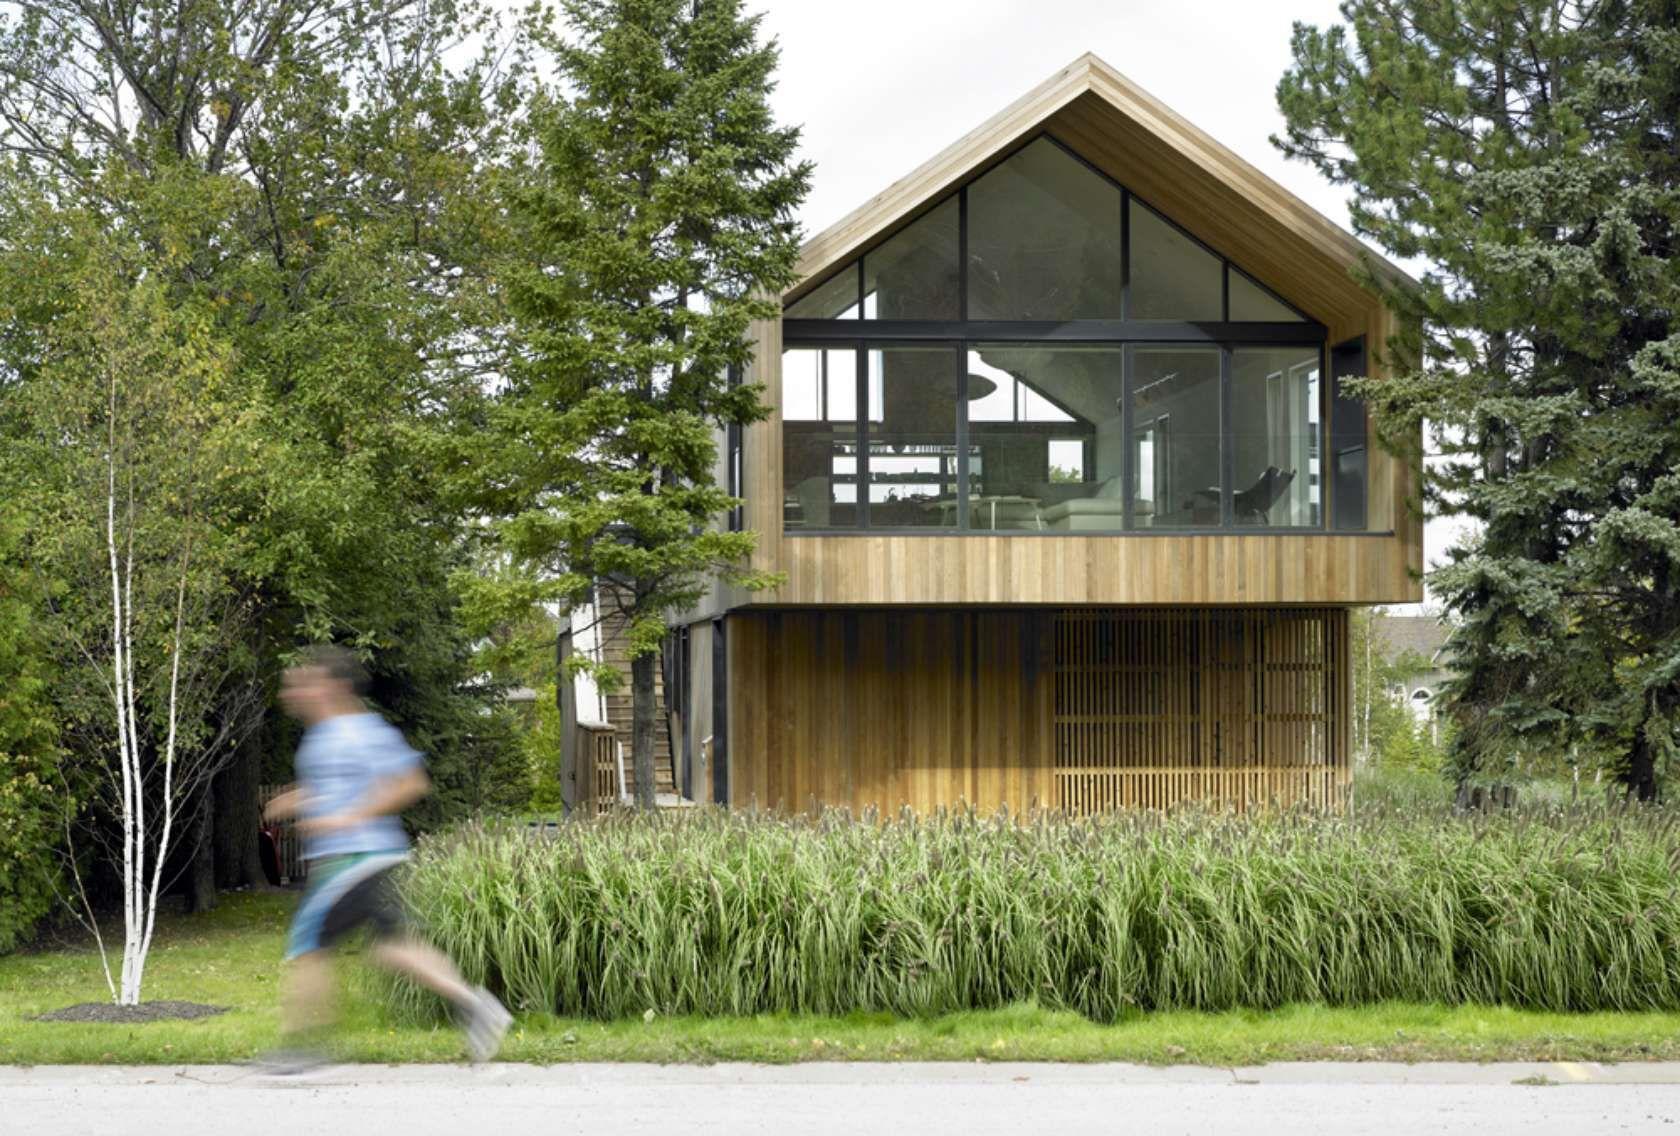 modern chalet wooden architecture